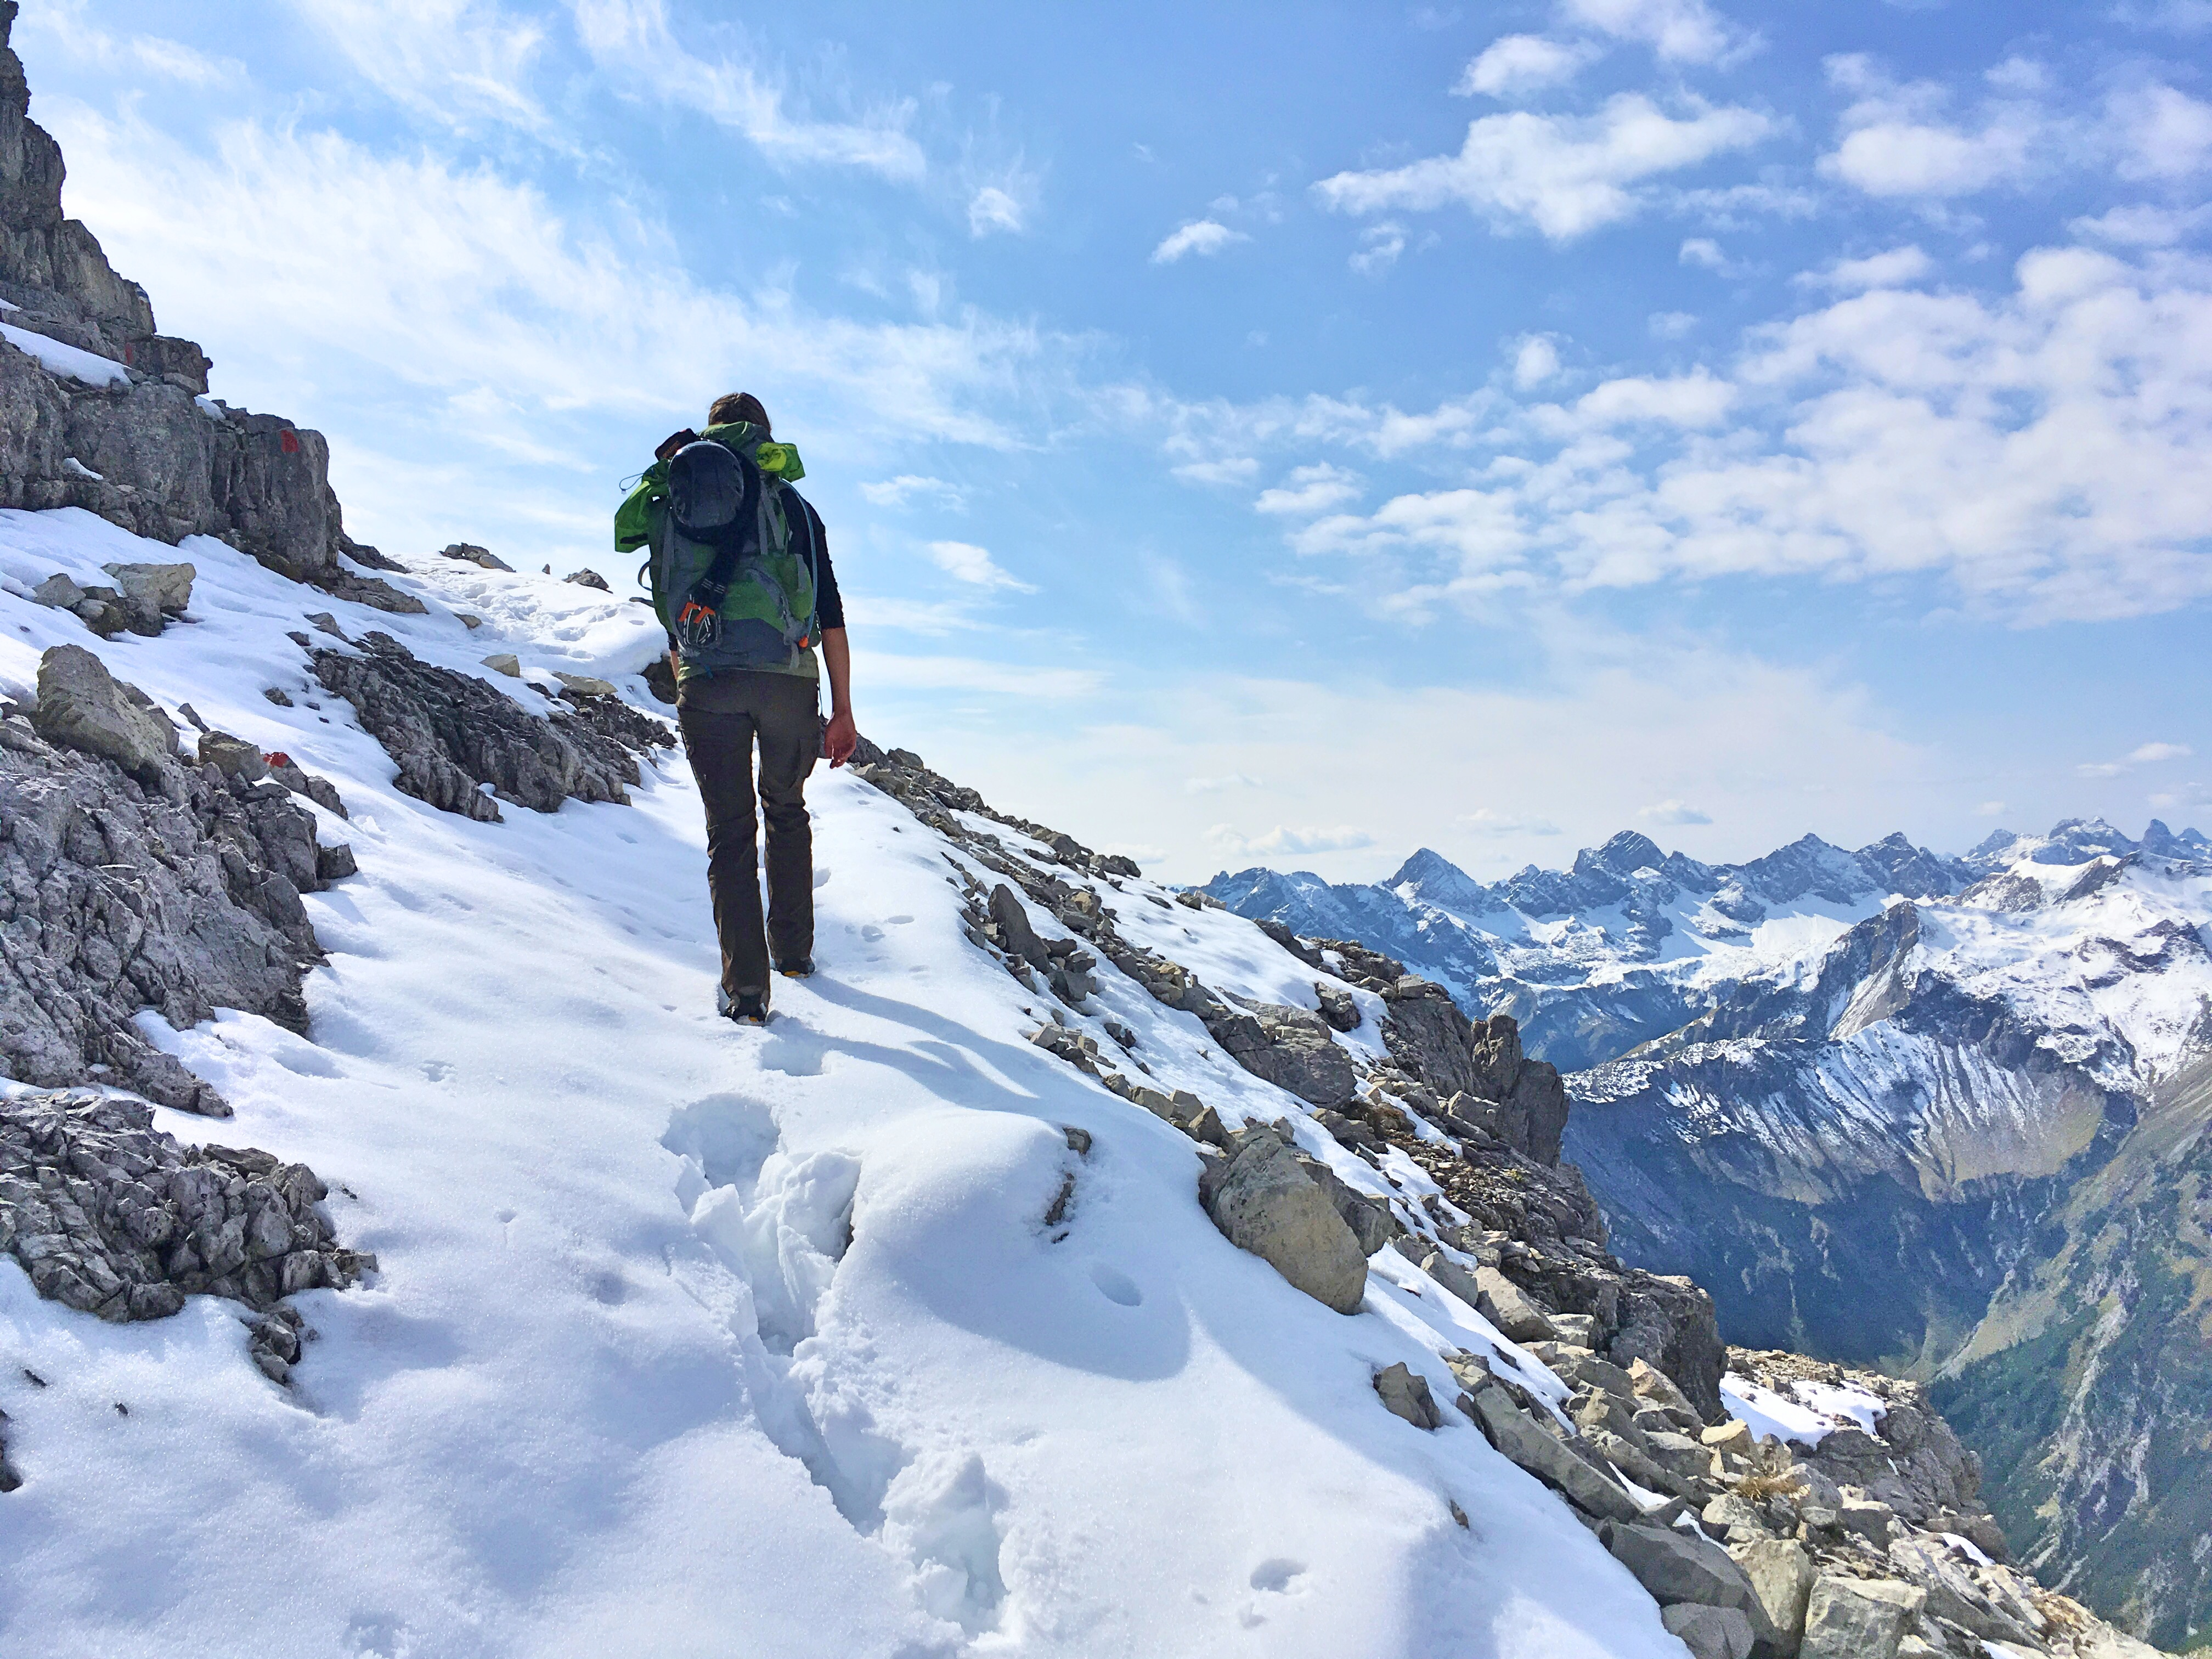 Bergtour Hochvogel: Auf dem Gipfelanstieg liegt ordentlich Schnee, Steigeisen können das Wandern erleichtern.